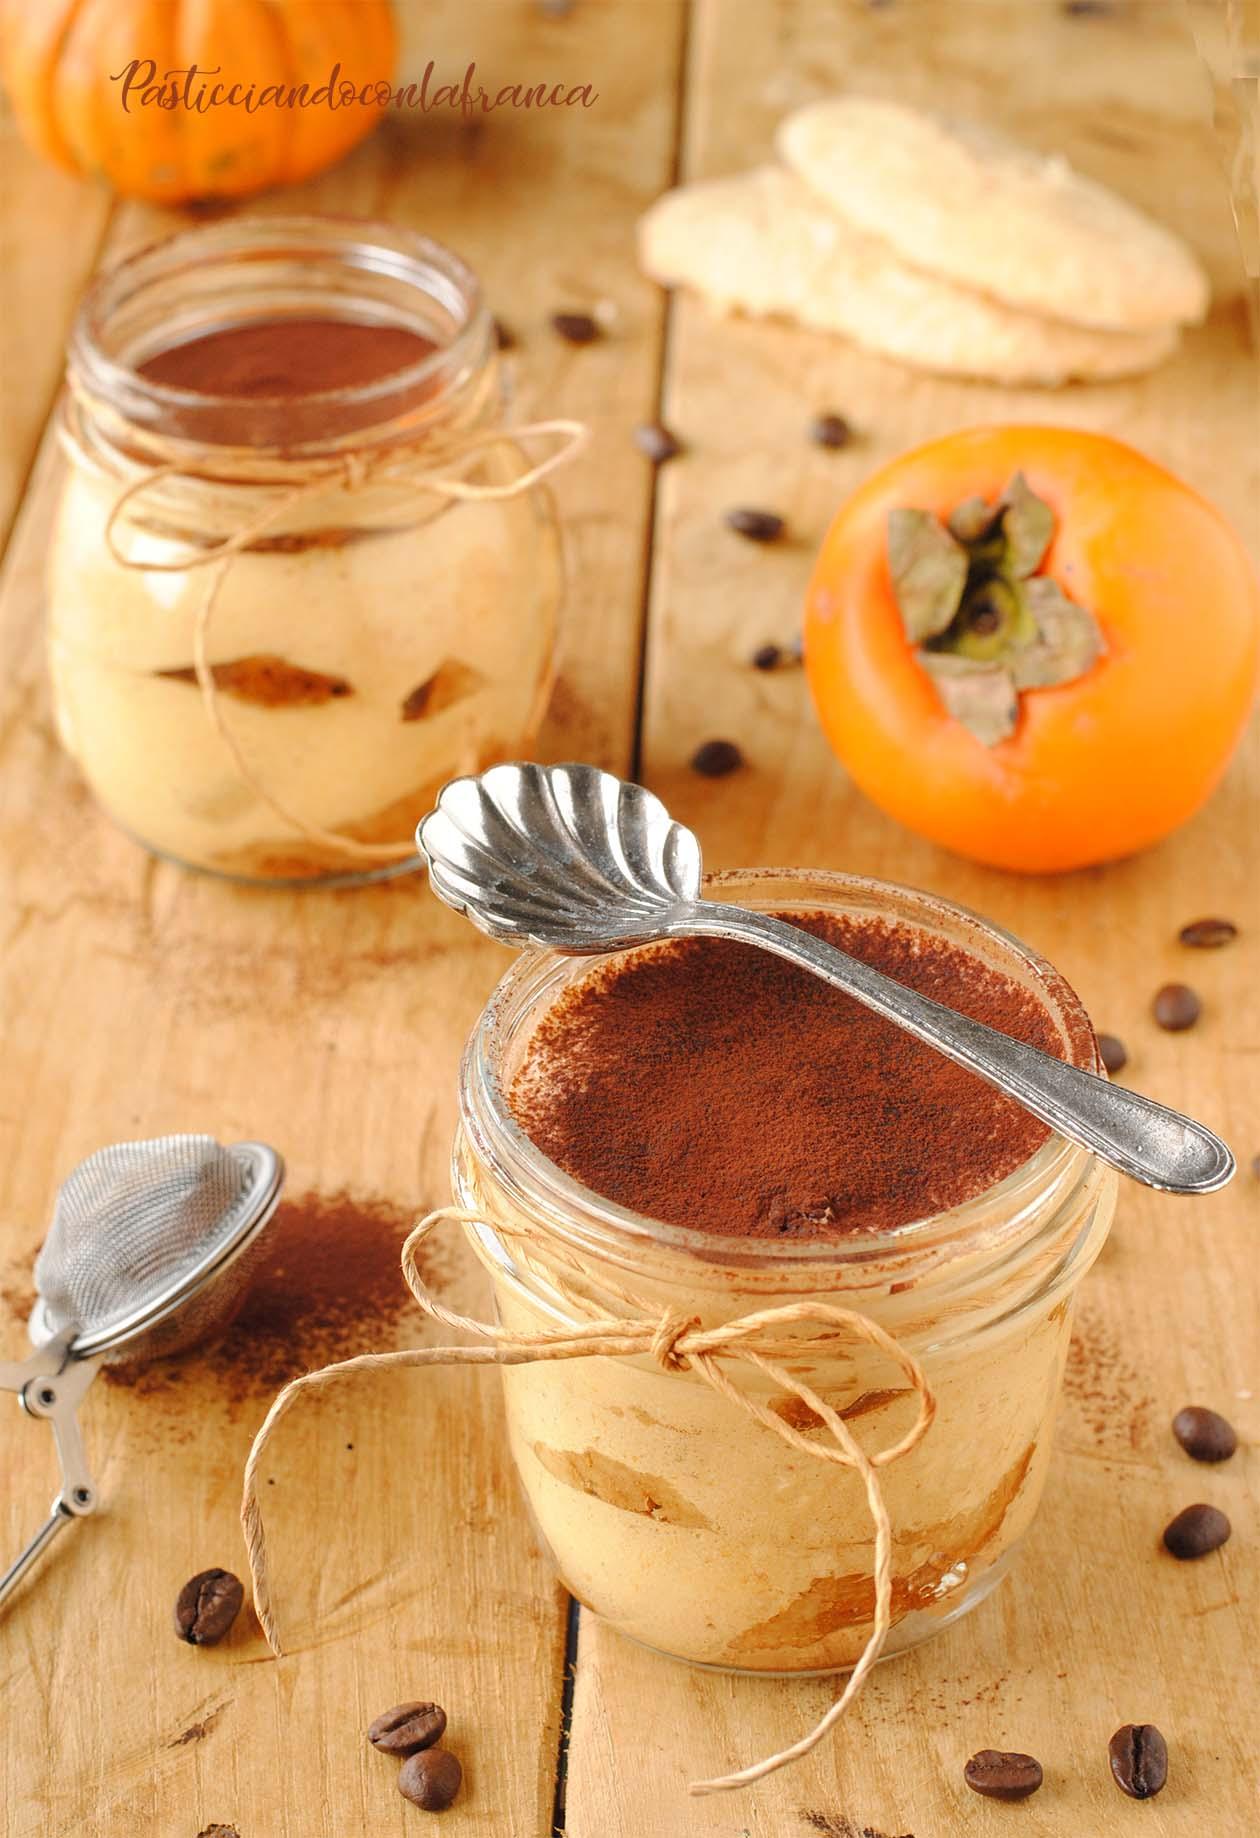 questa immagine rappresneta tiramisù ai cachi 3 ingredienti ricetta di pasticciandoconlafranca